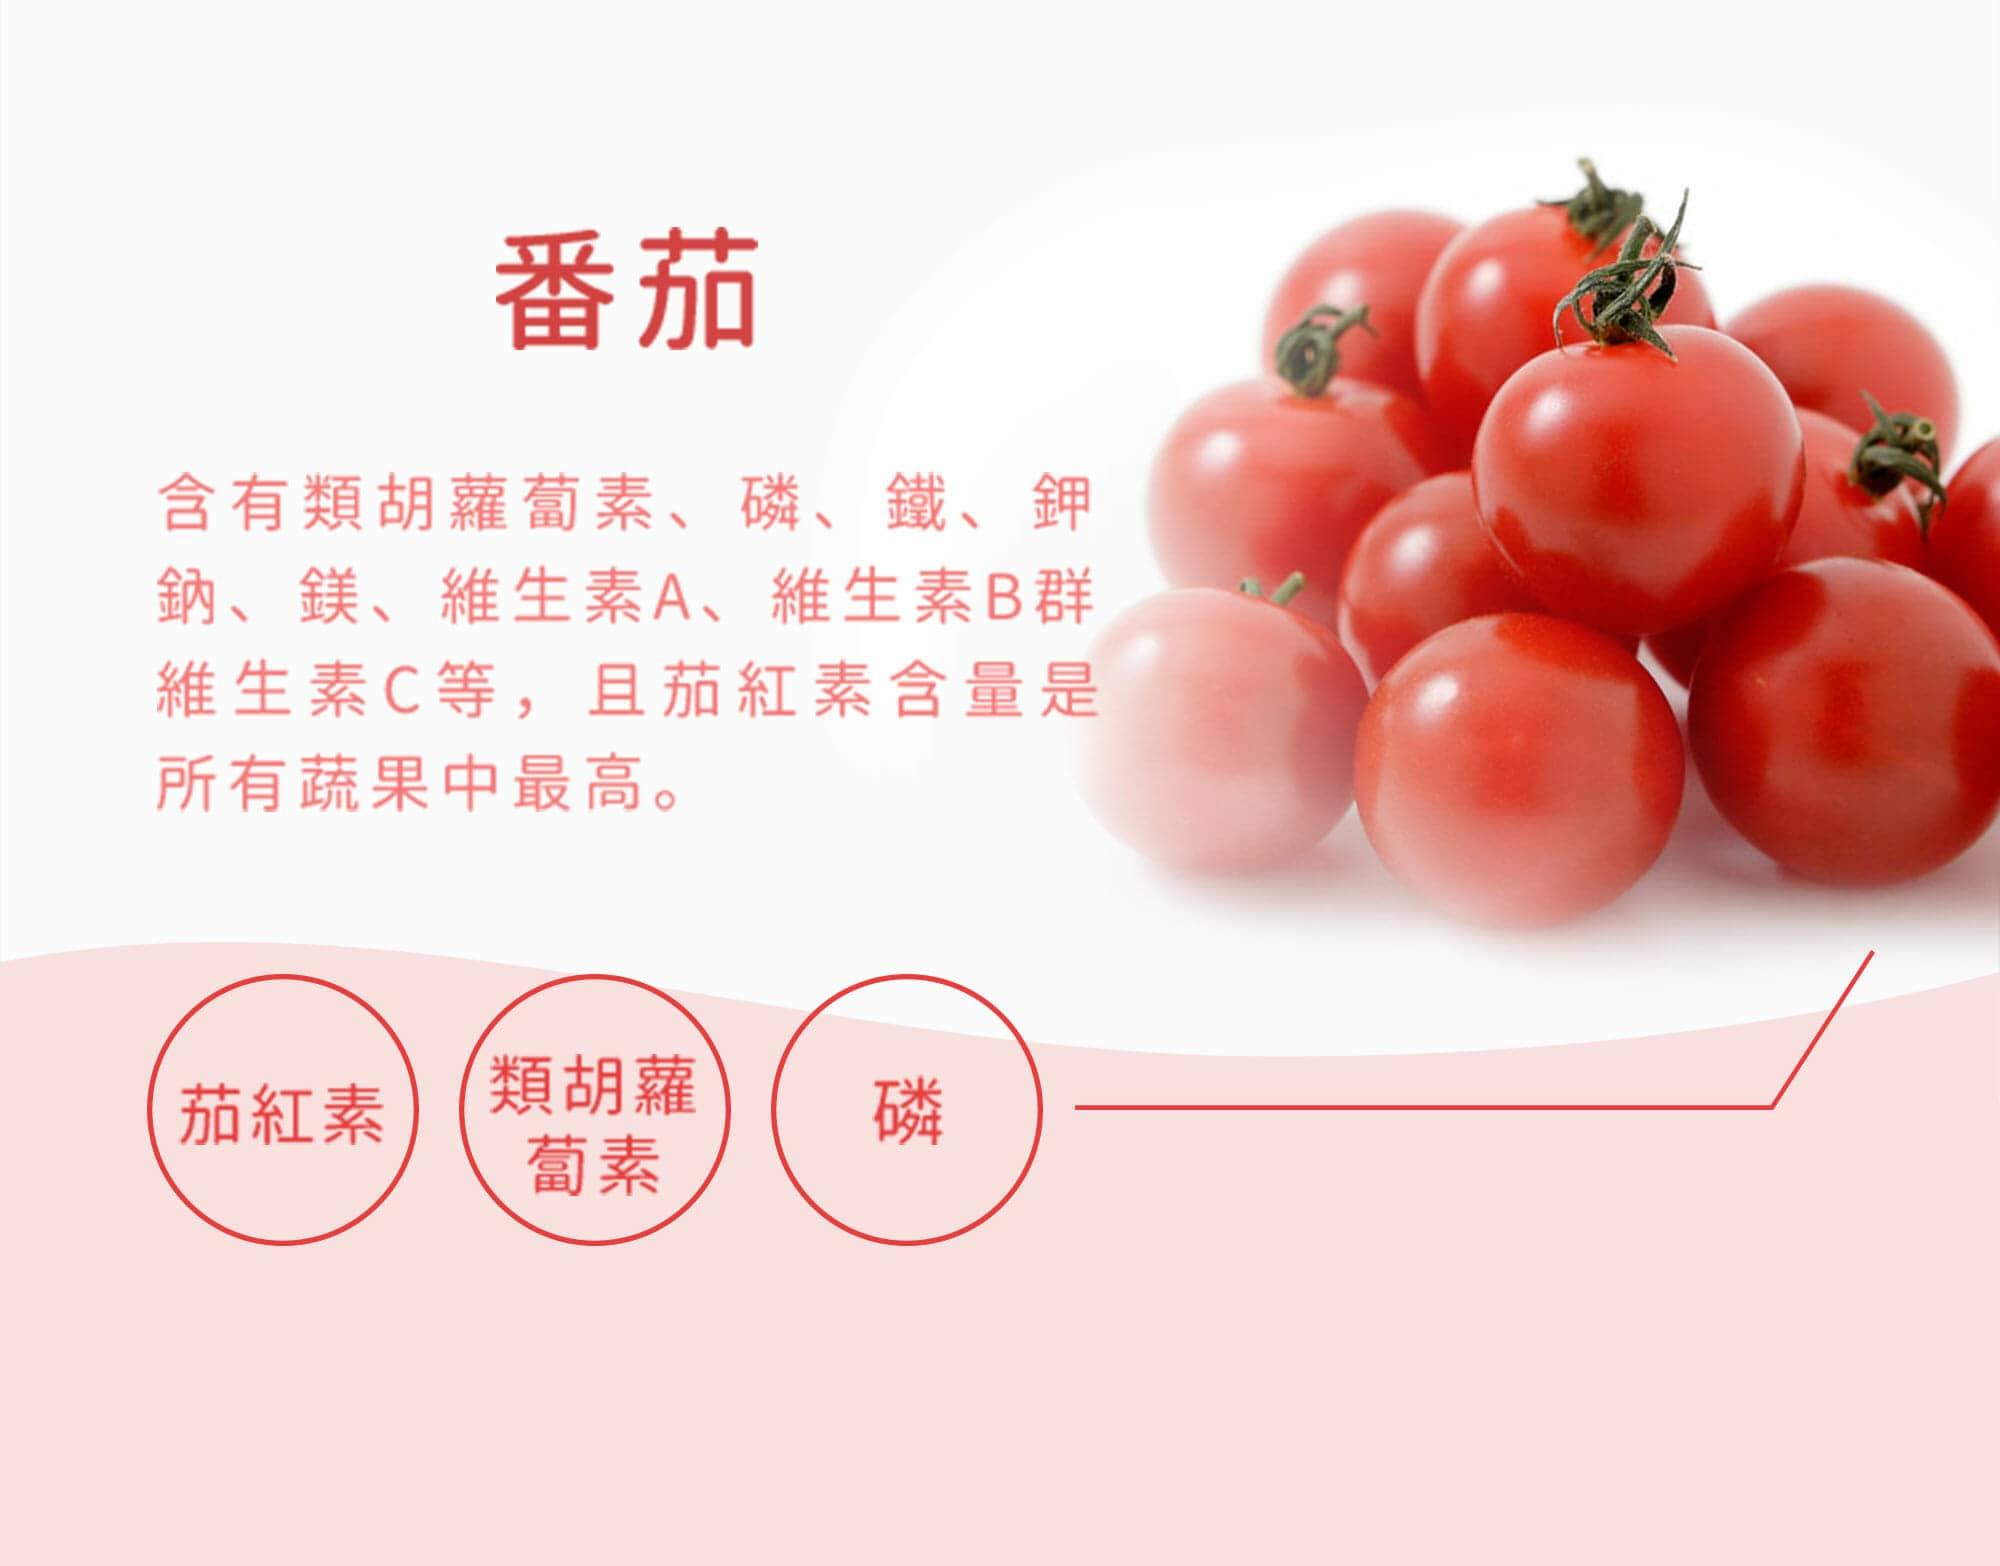 番茄含有胡蘿蔔素、磷、鐵、鉀、鈉、鎂、維生素A、維生素B群、維生素C等,茄紅素含量是所有蔬果中最高。